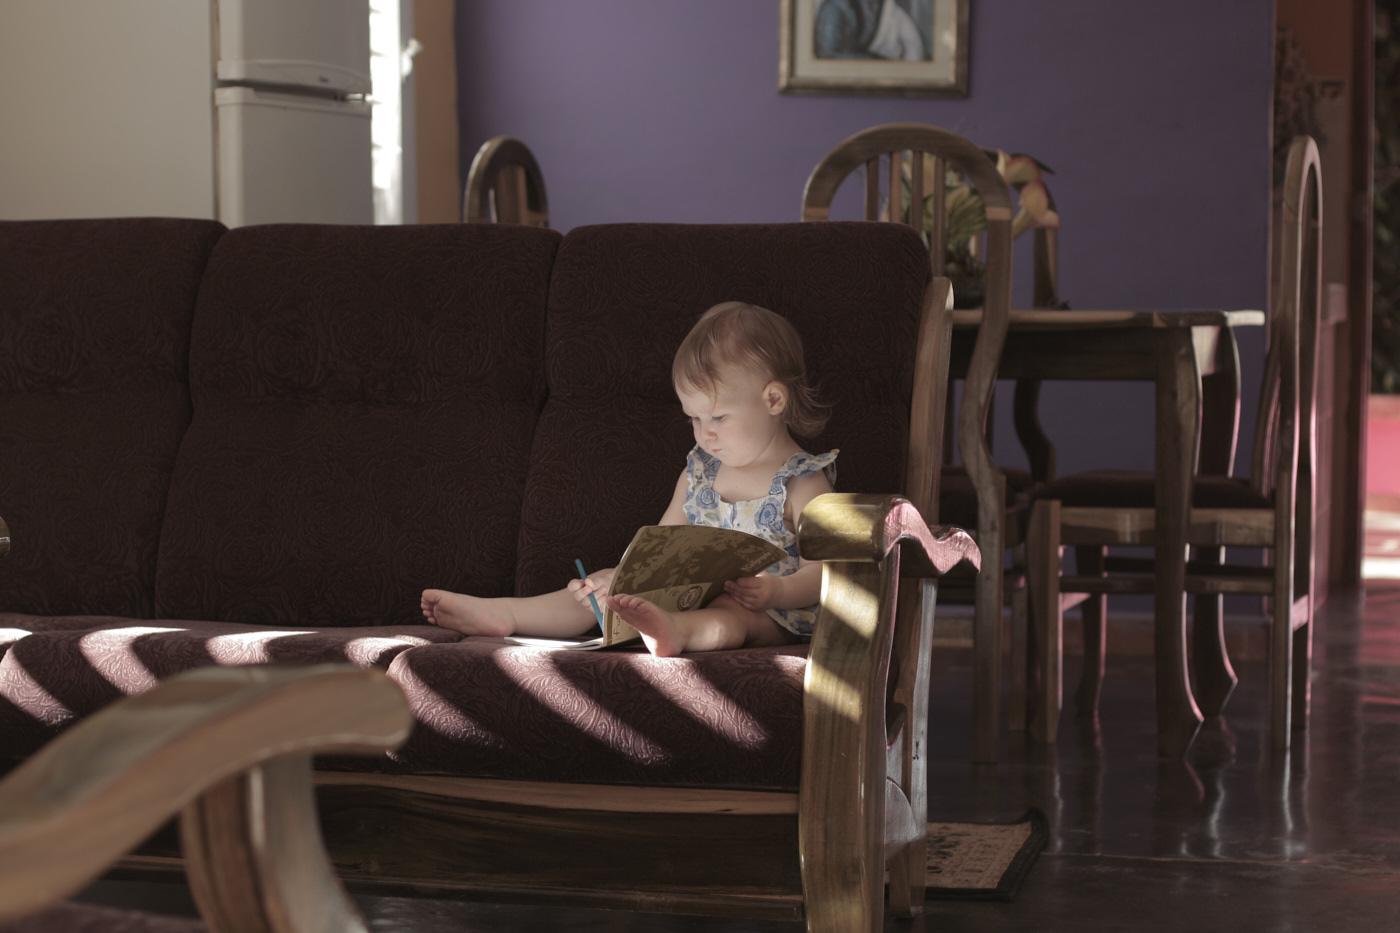 Enfant sur le sofa dans une casa particular à Cuba